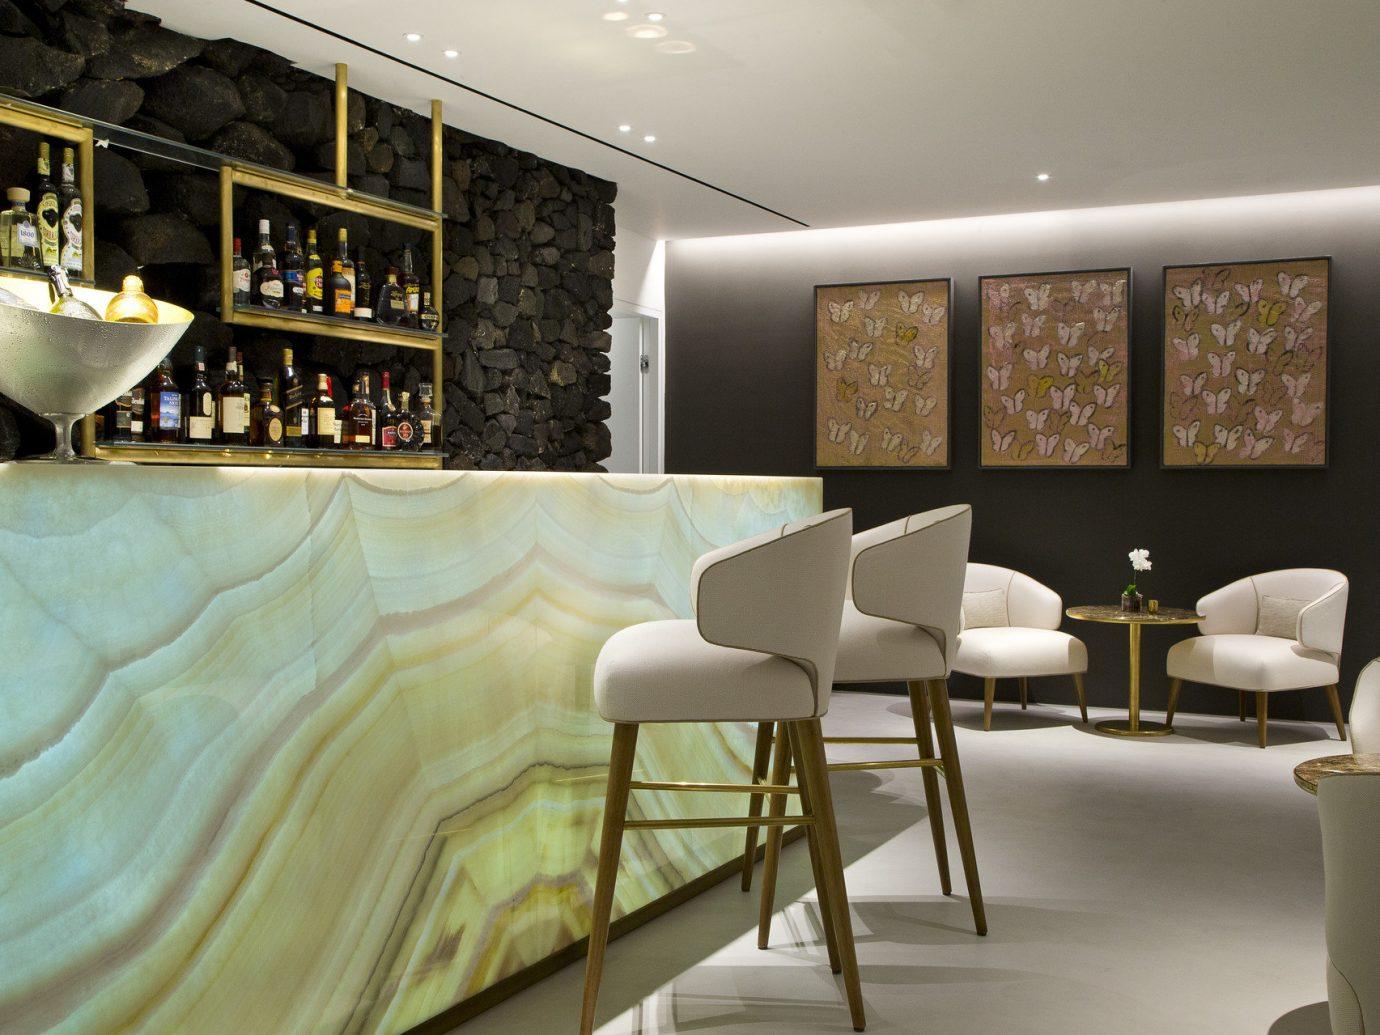 Greece Hotels Romance Santorini indoor floor room Living property interior design living room home estate Design Lobby condominium Suite furniture window covering decorated